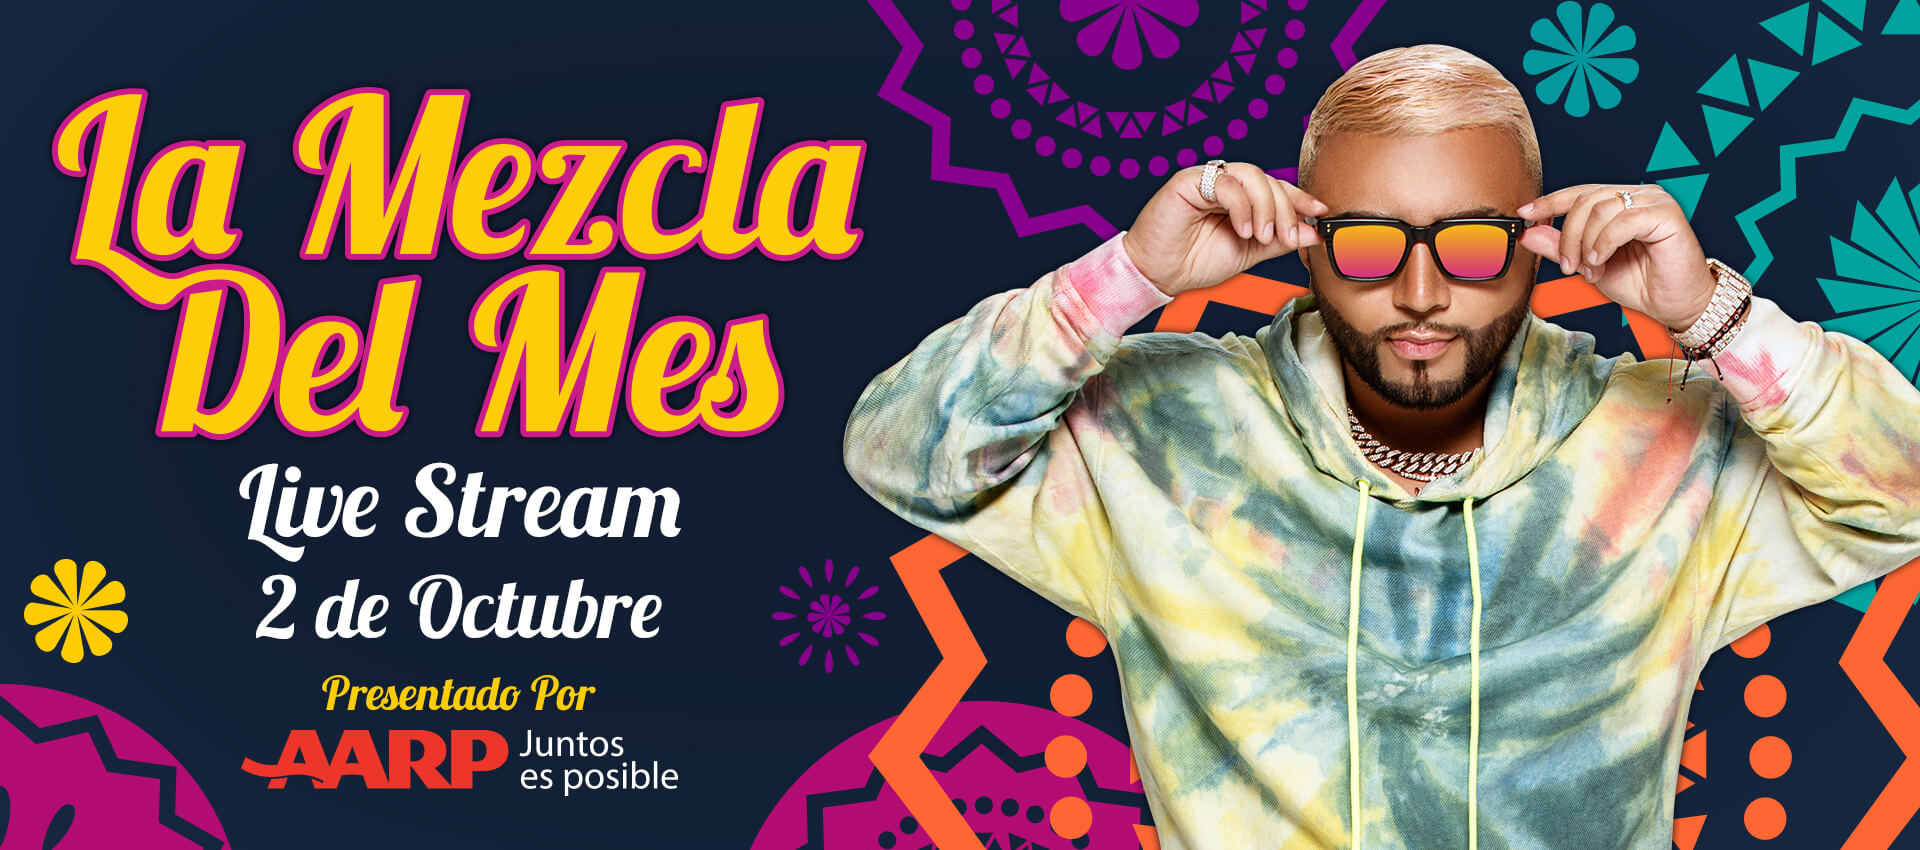 La Mezcla Del Mes LIVESTREAM Oct 2 - 9pm est